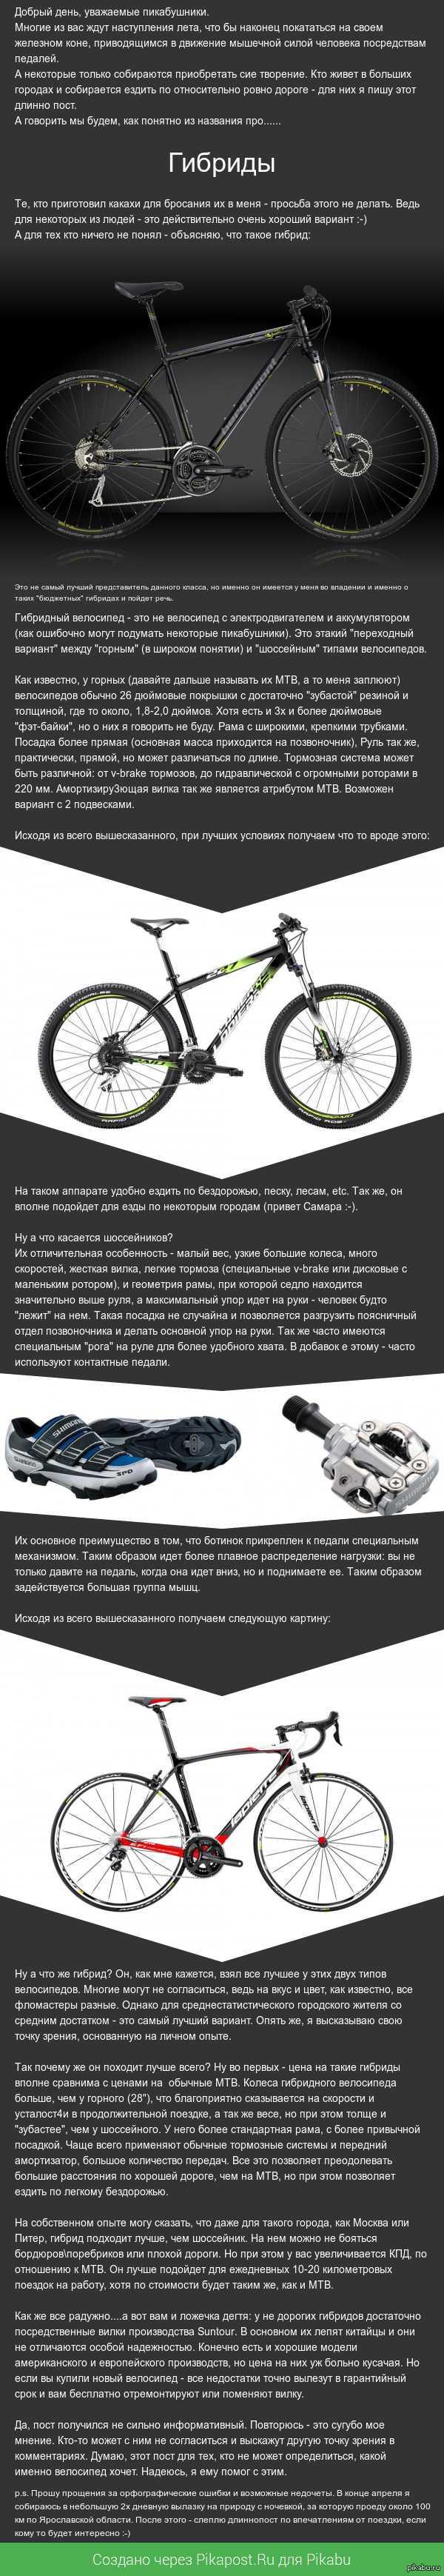 Как выбрать велосипед? как выбрать велосипед по росту ребенку и взрослому :: businessman.ru